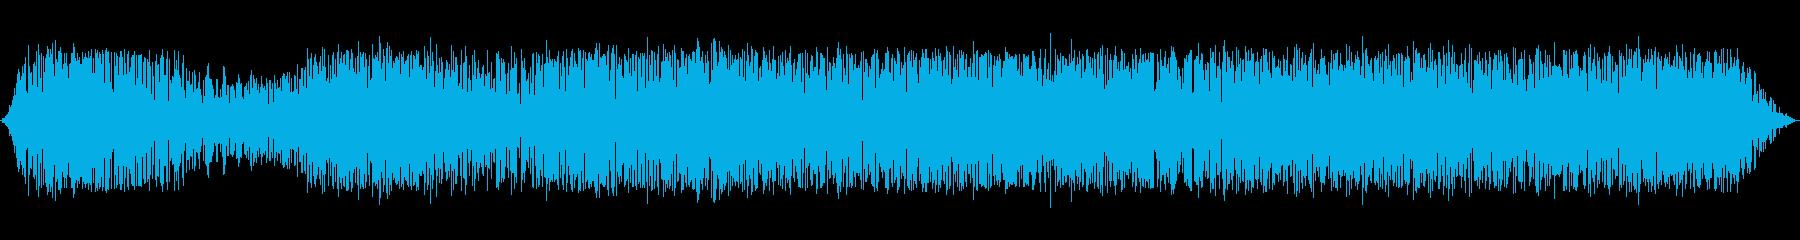 深い混乱の再生済みの波形